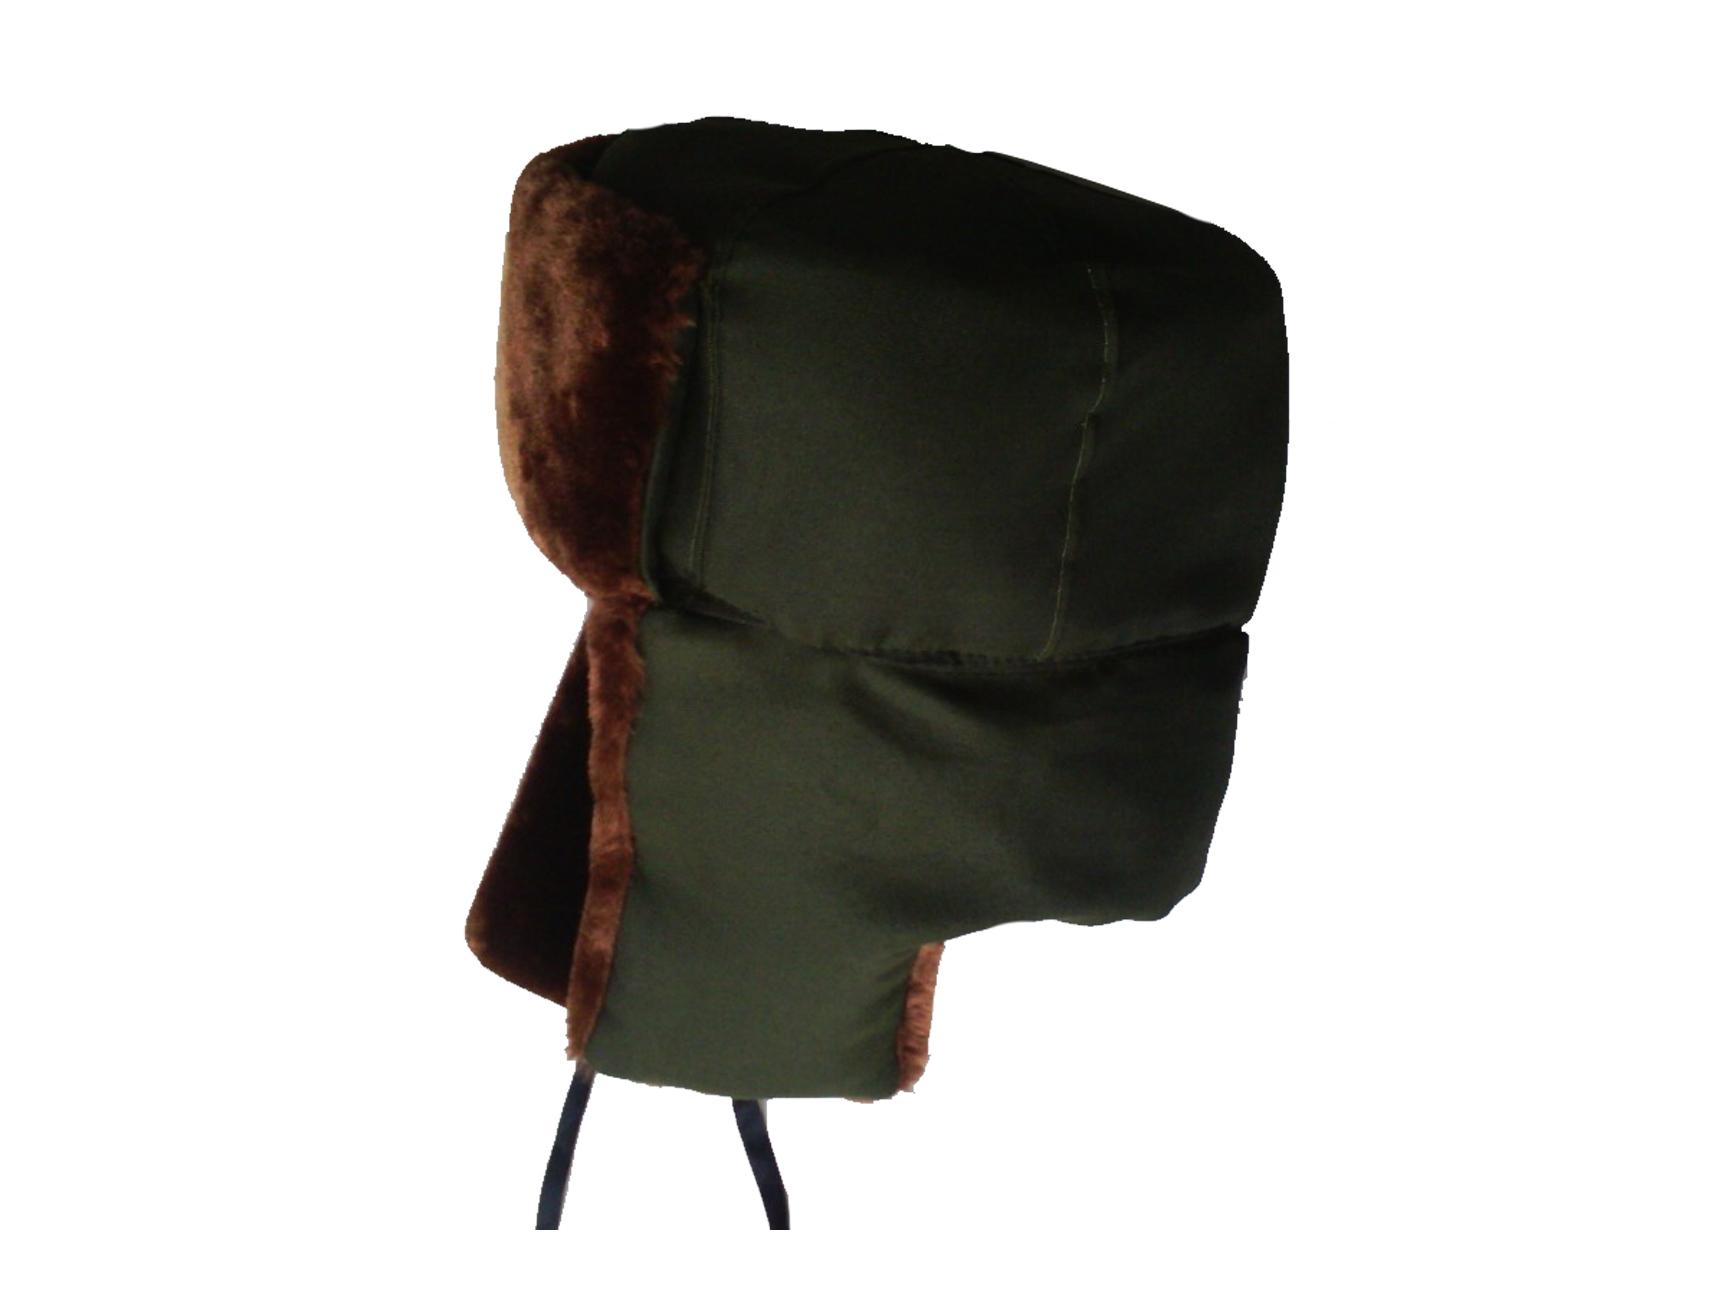 冬帽 Chapka